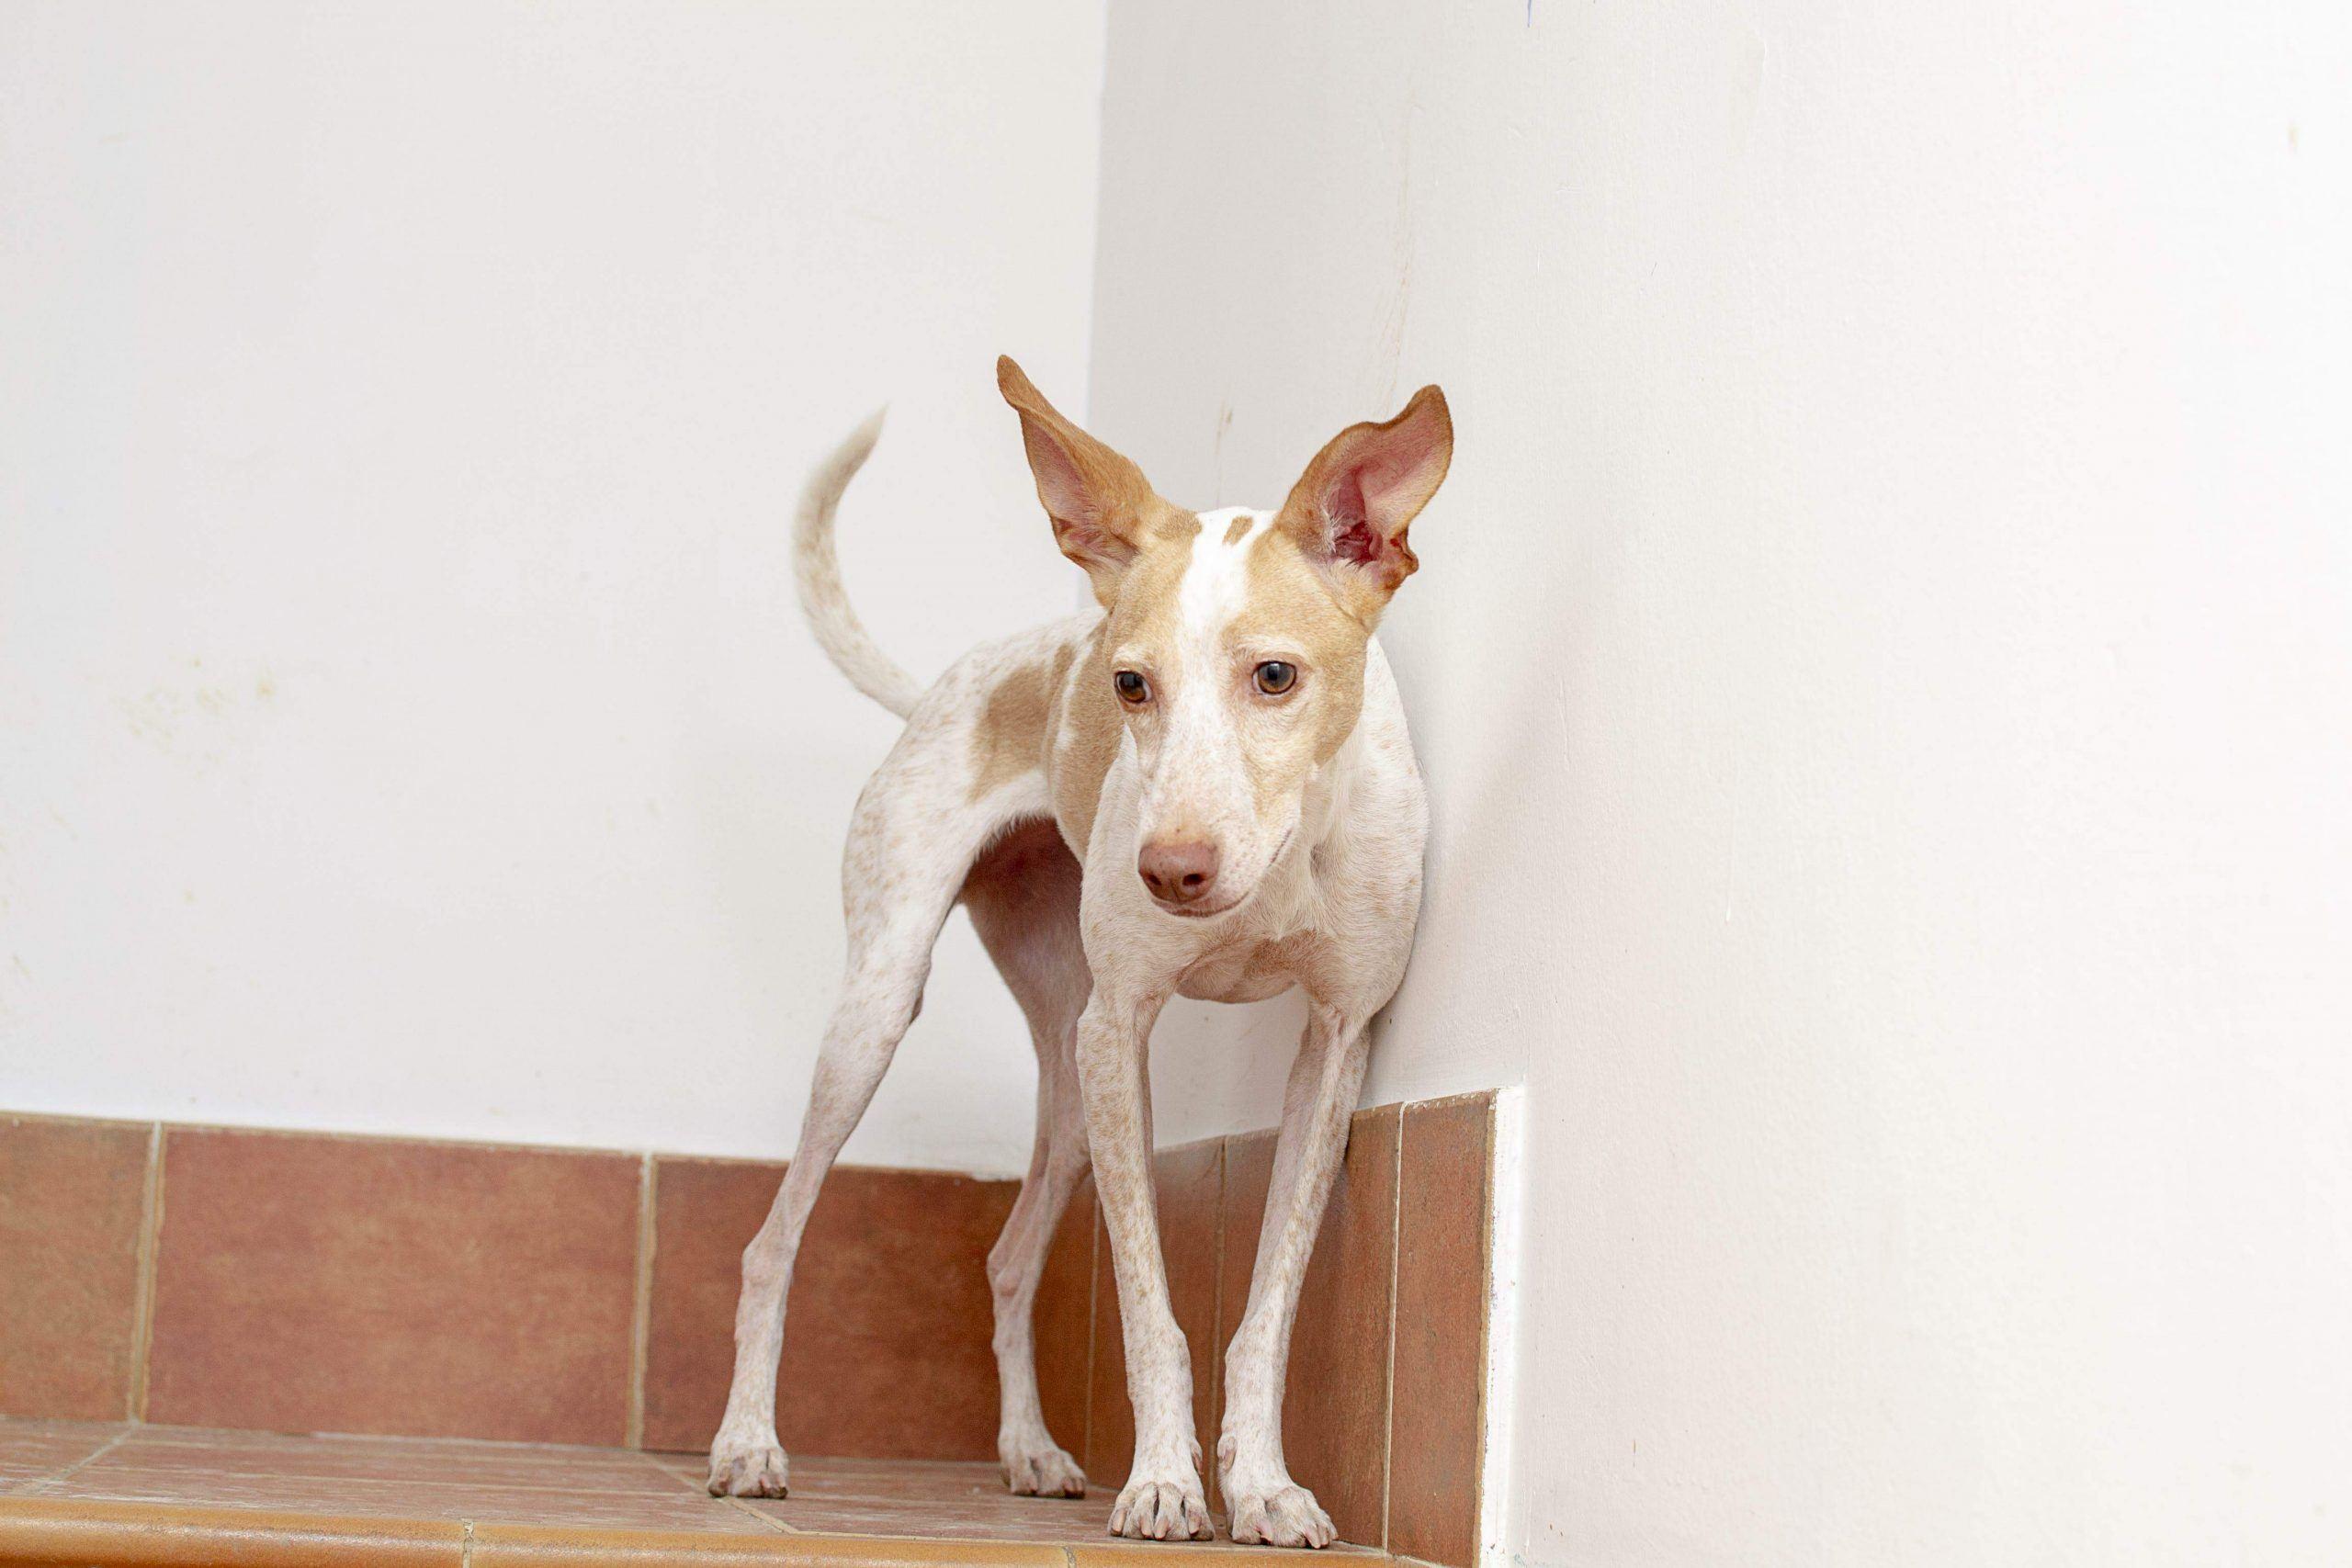 tratamiento miedo en perros